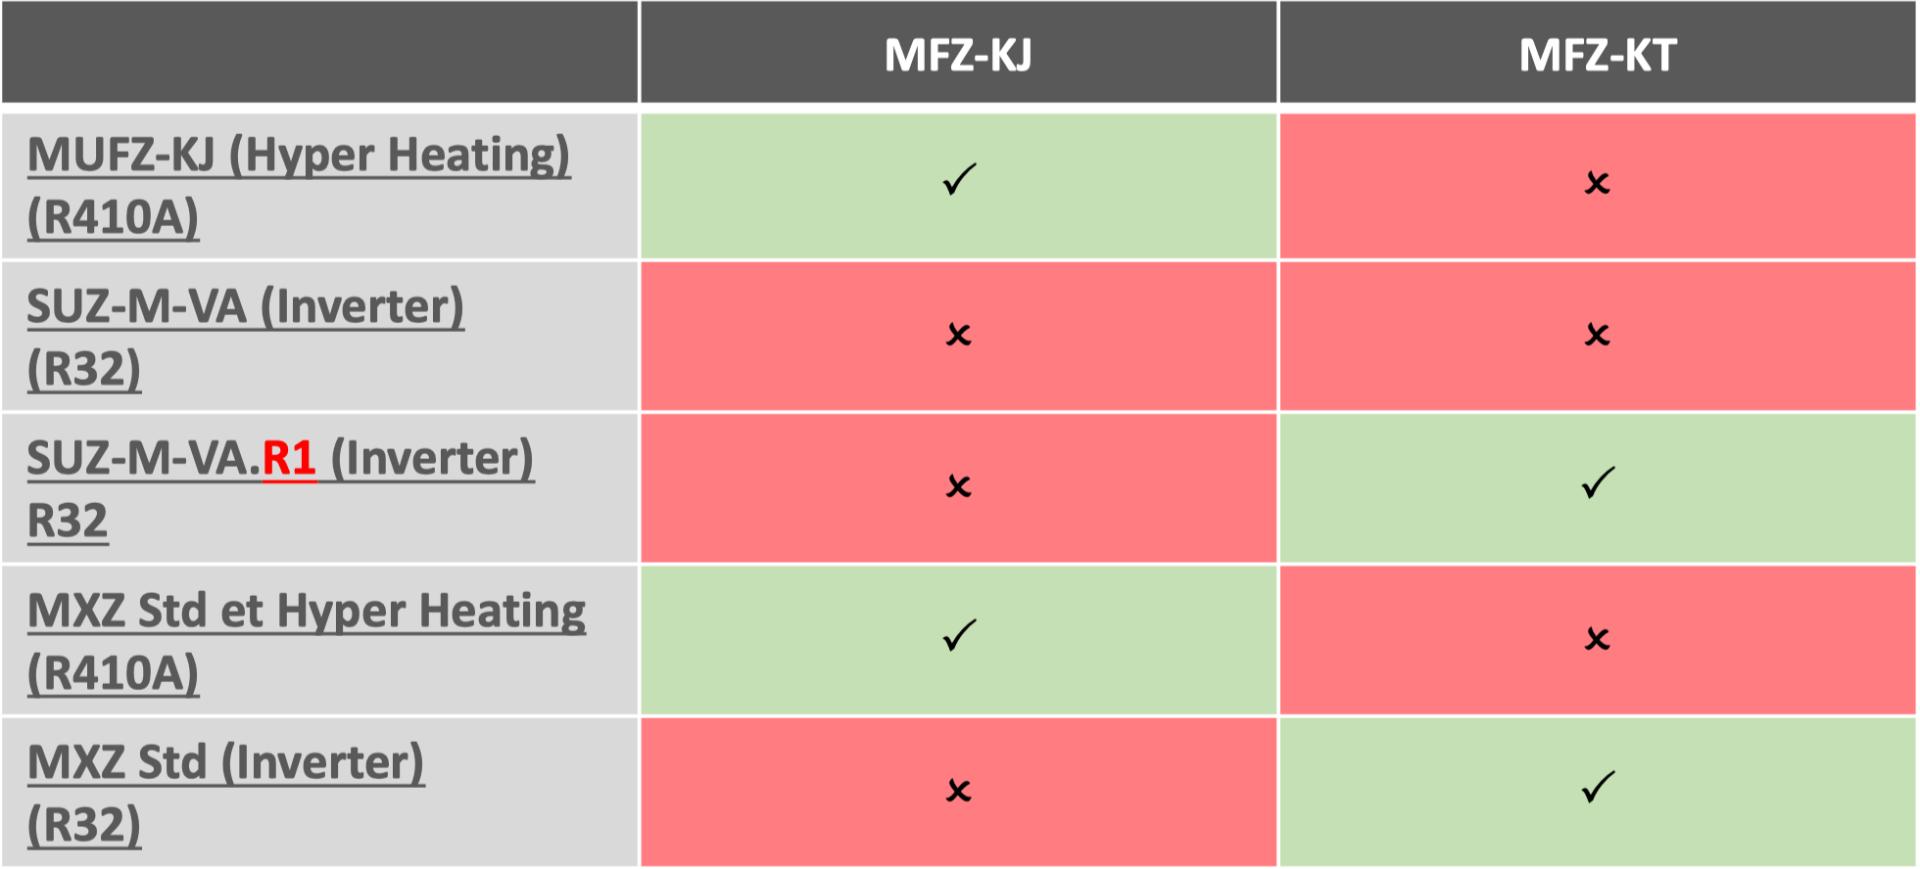 tableau de compatibilité de la console de luxe MFZ-KT